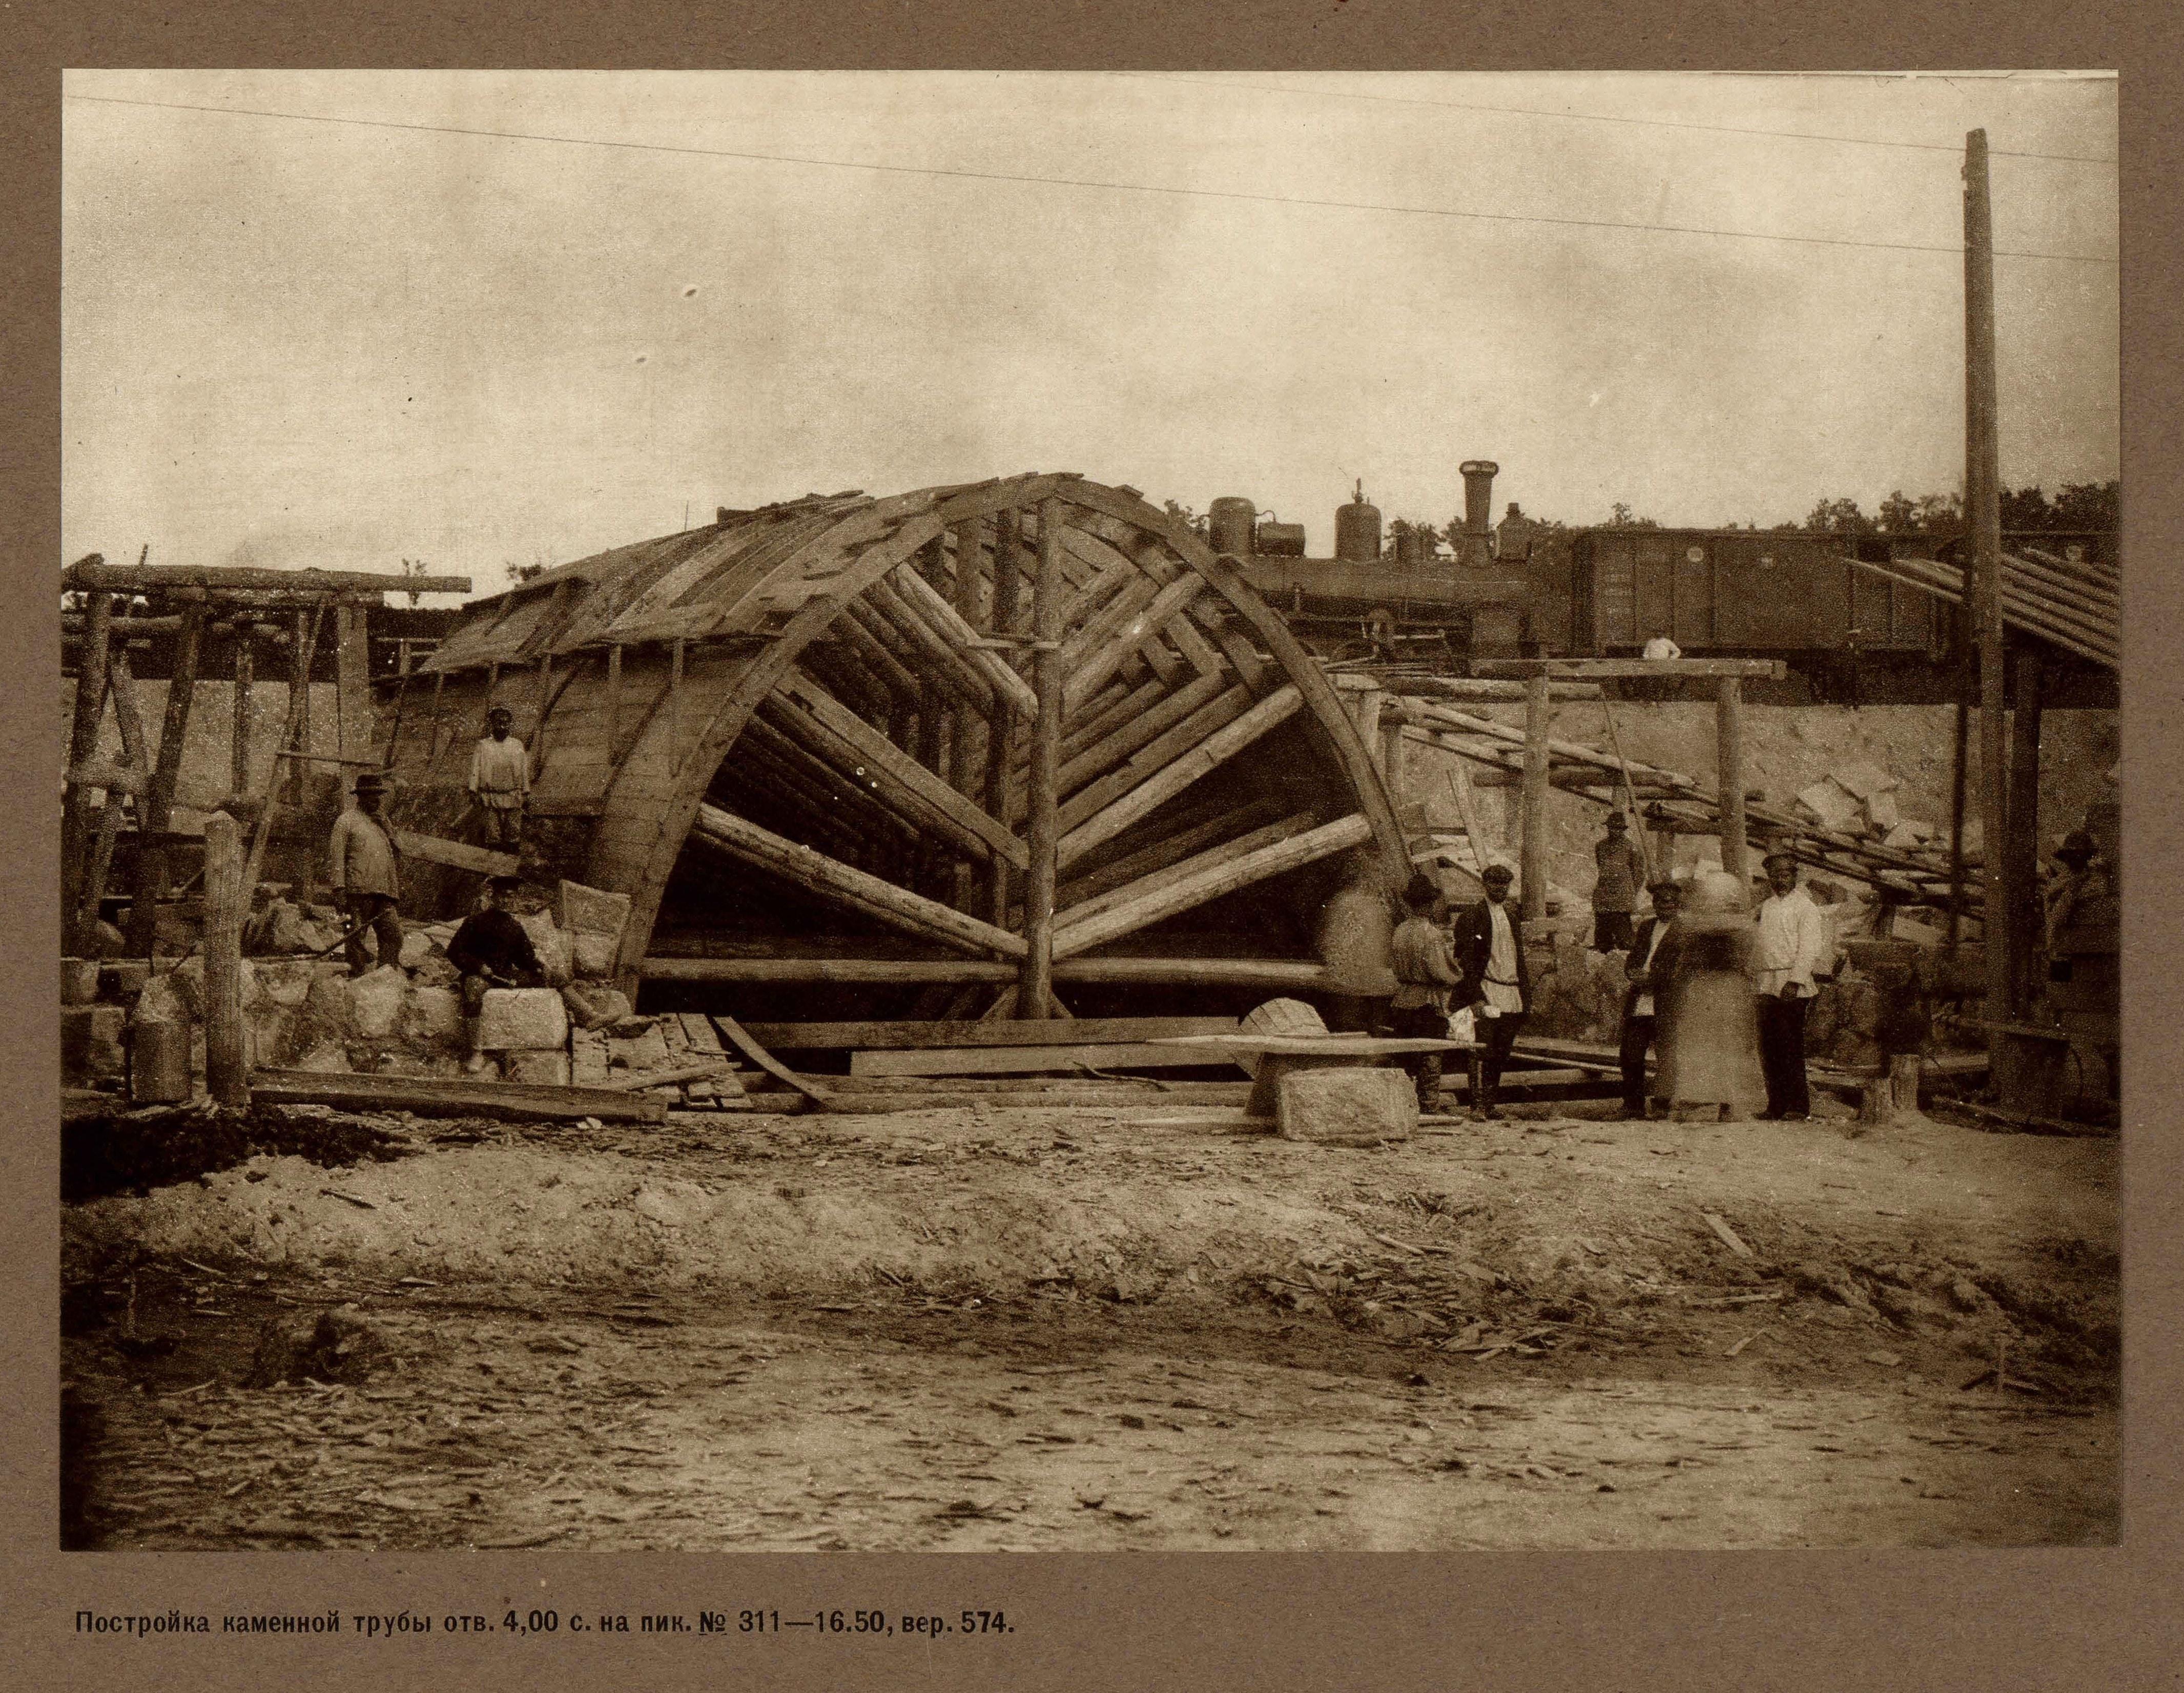 574 верста. Постройка каменной трубы